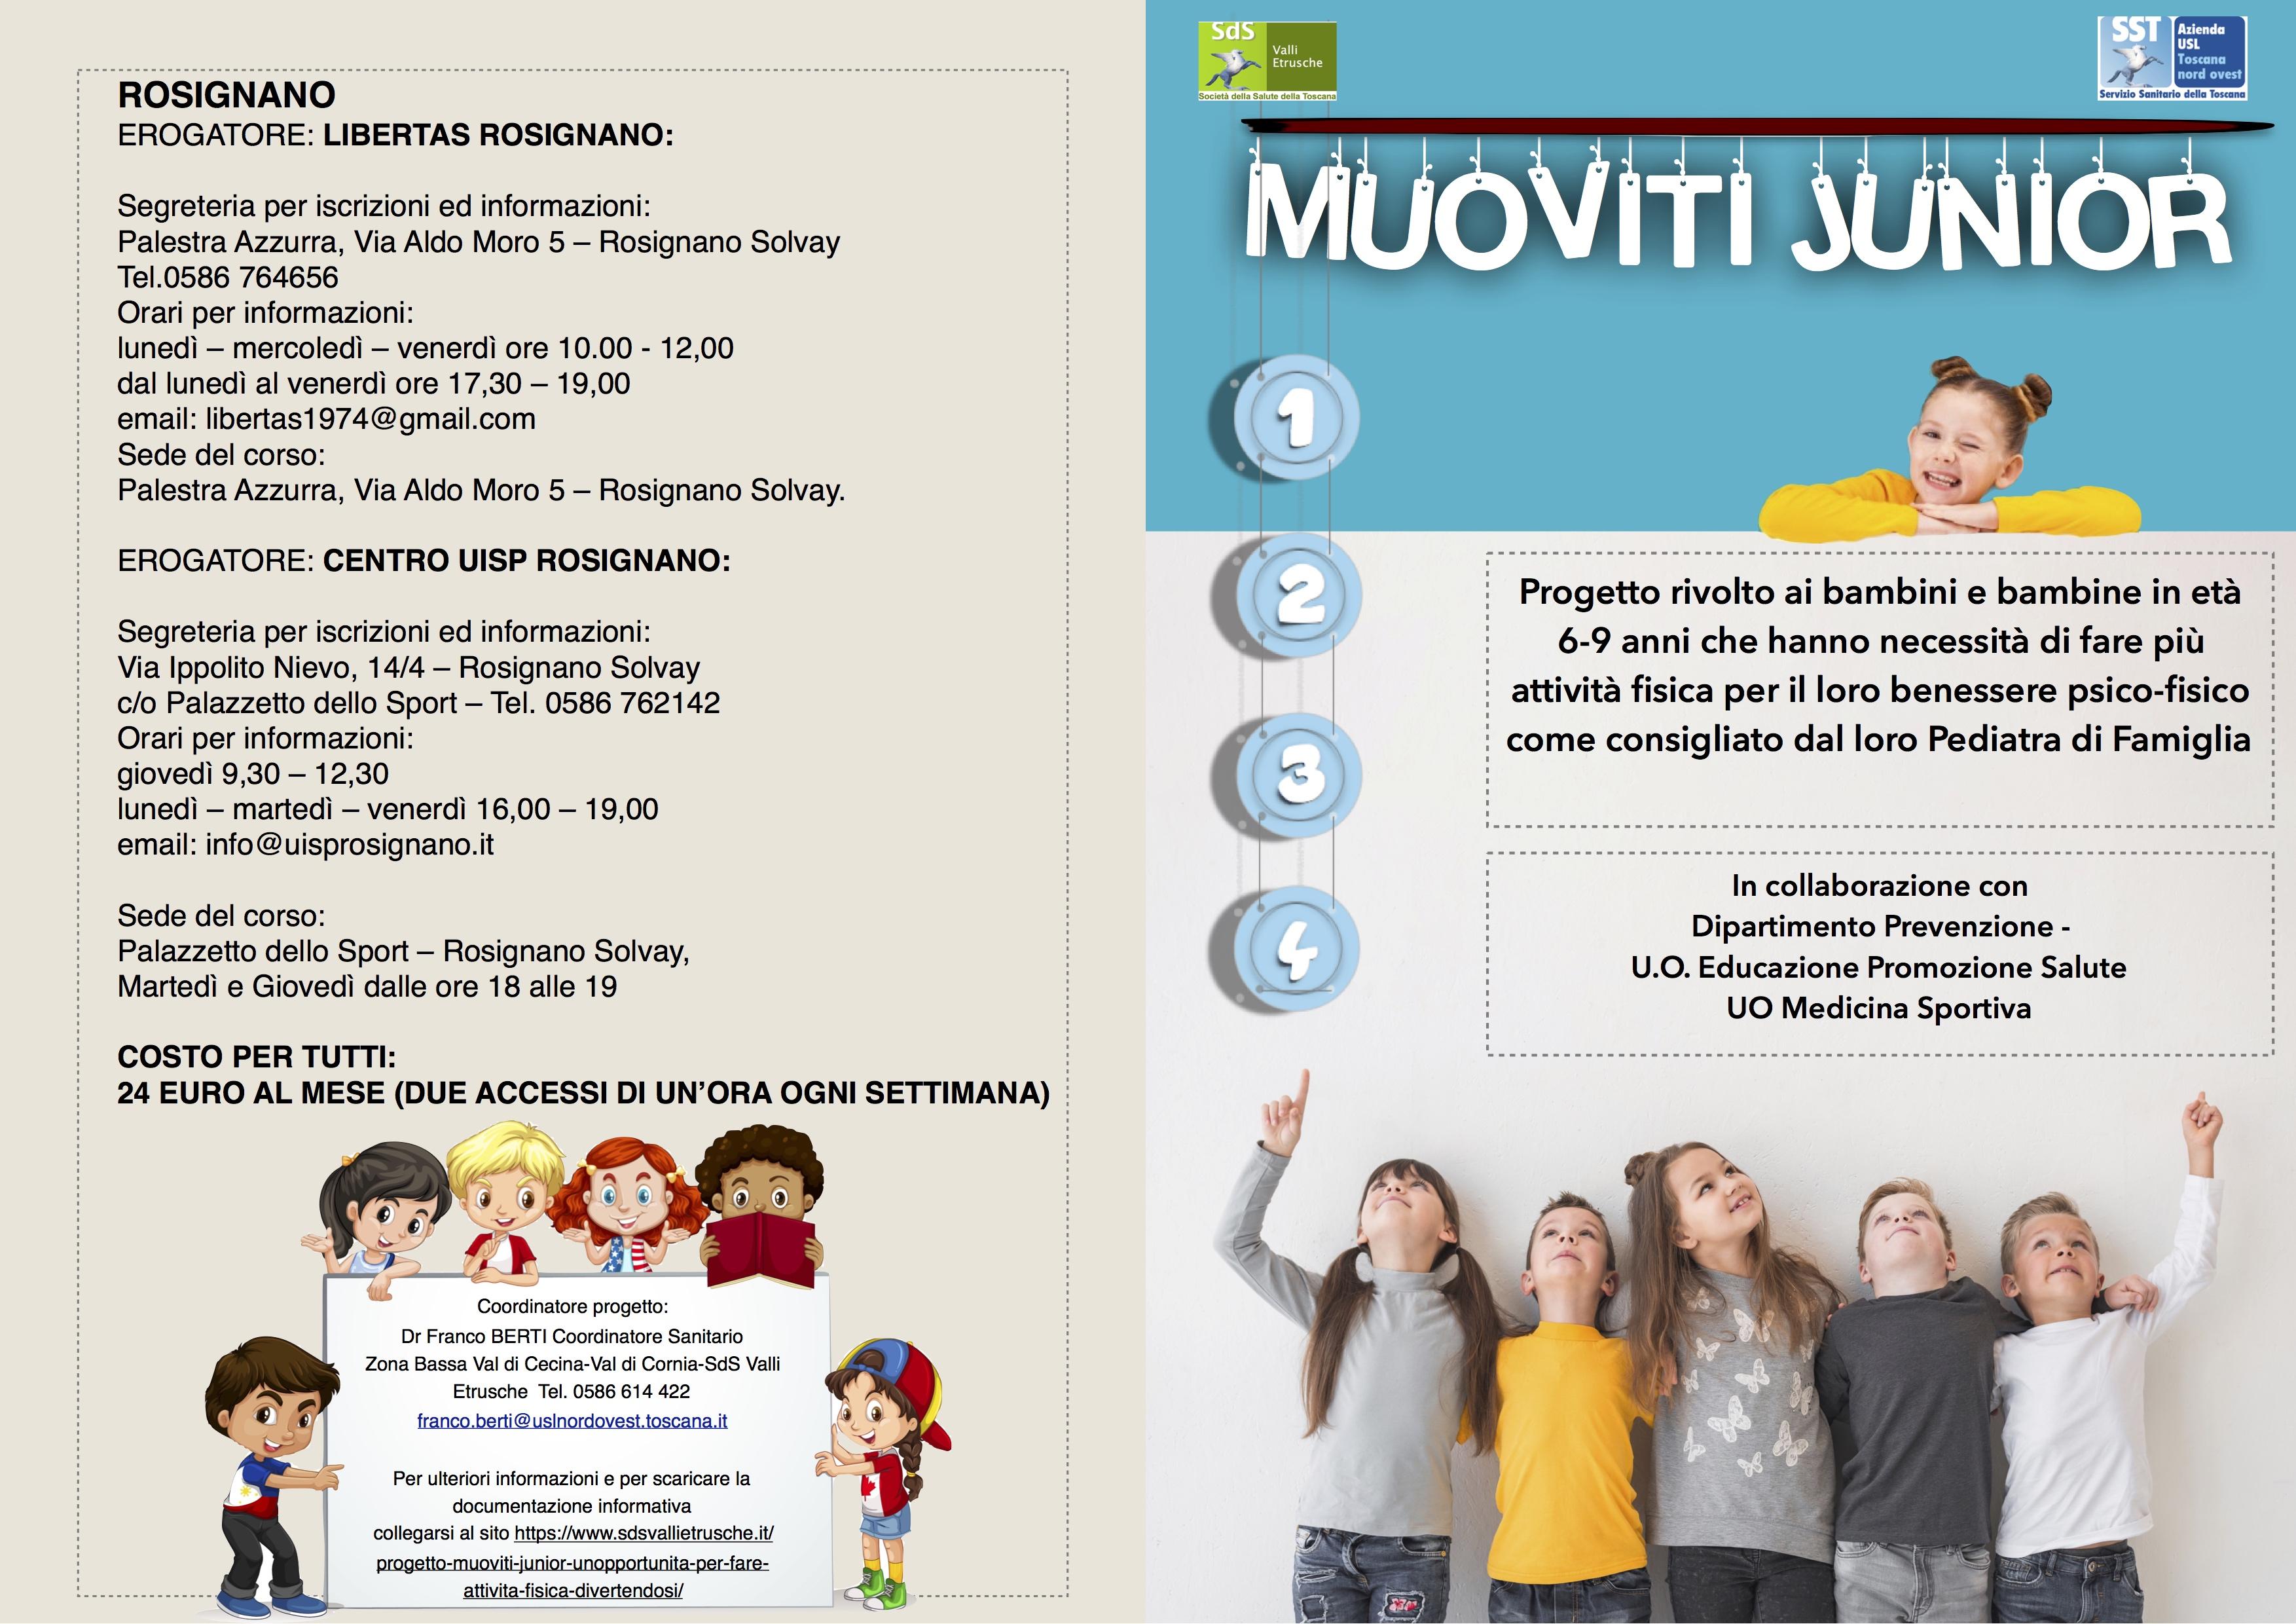 Progetto Muoviti Junior Un Opportunita Per Fare Attivita Fisica Divertendosi Consorzio Societa Della Salute Valli Etrusche